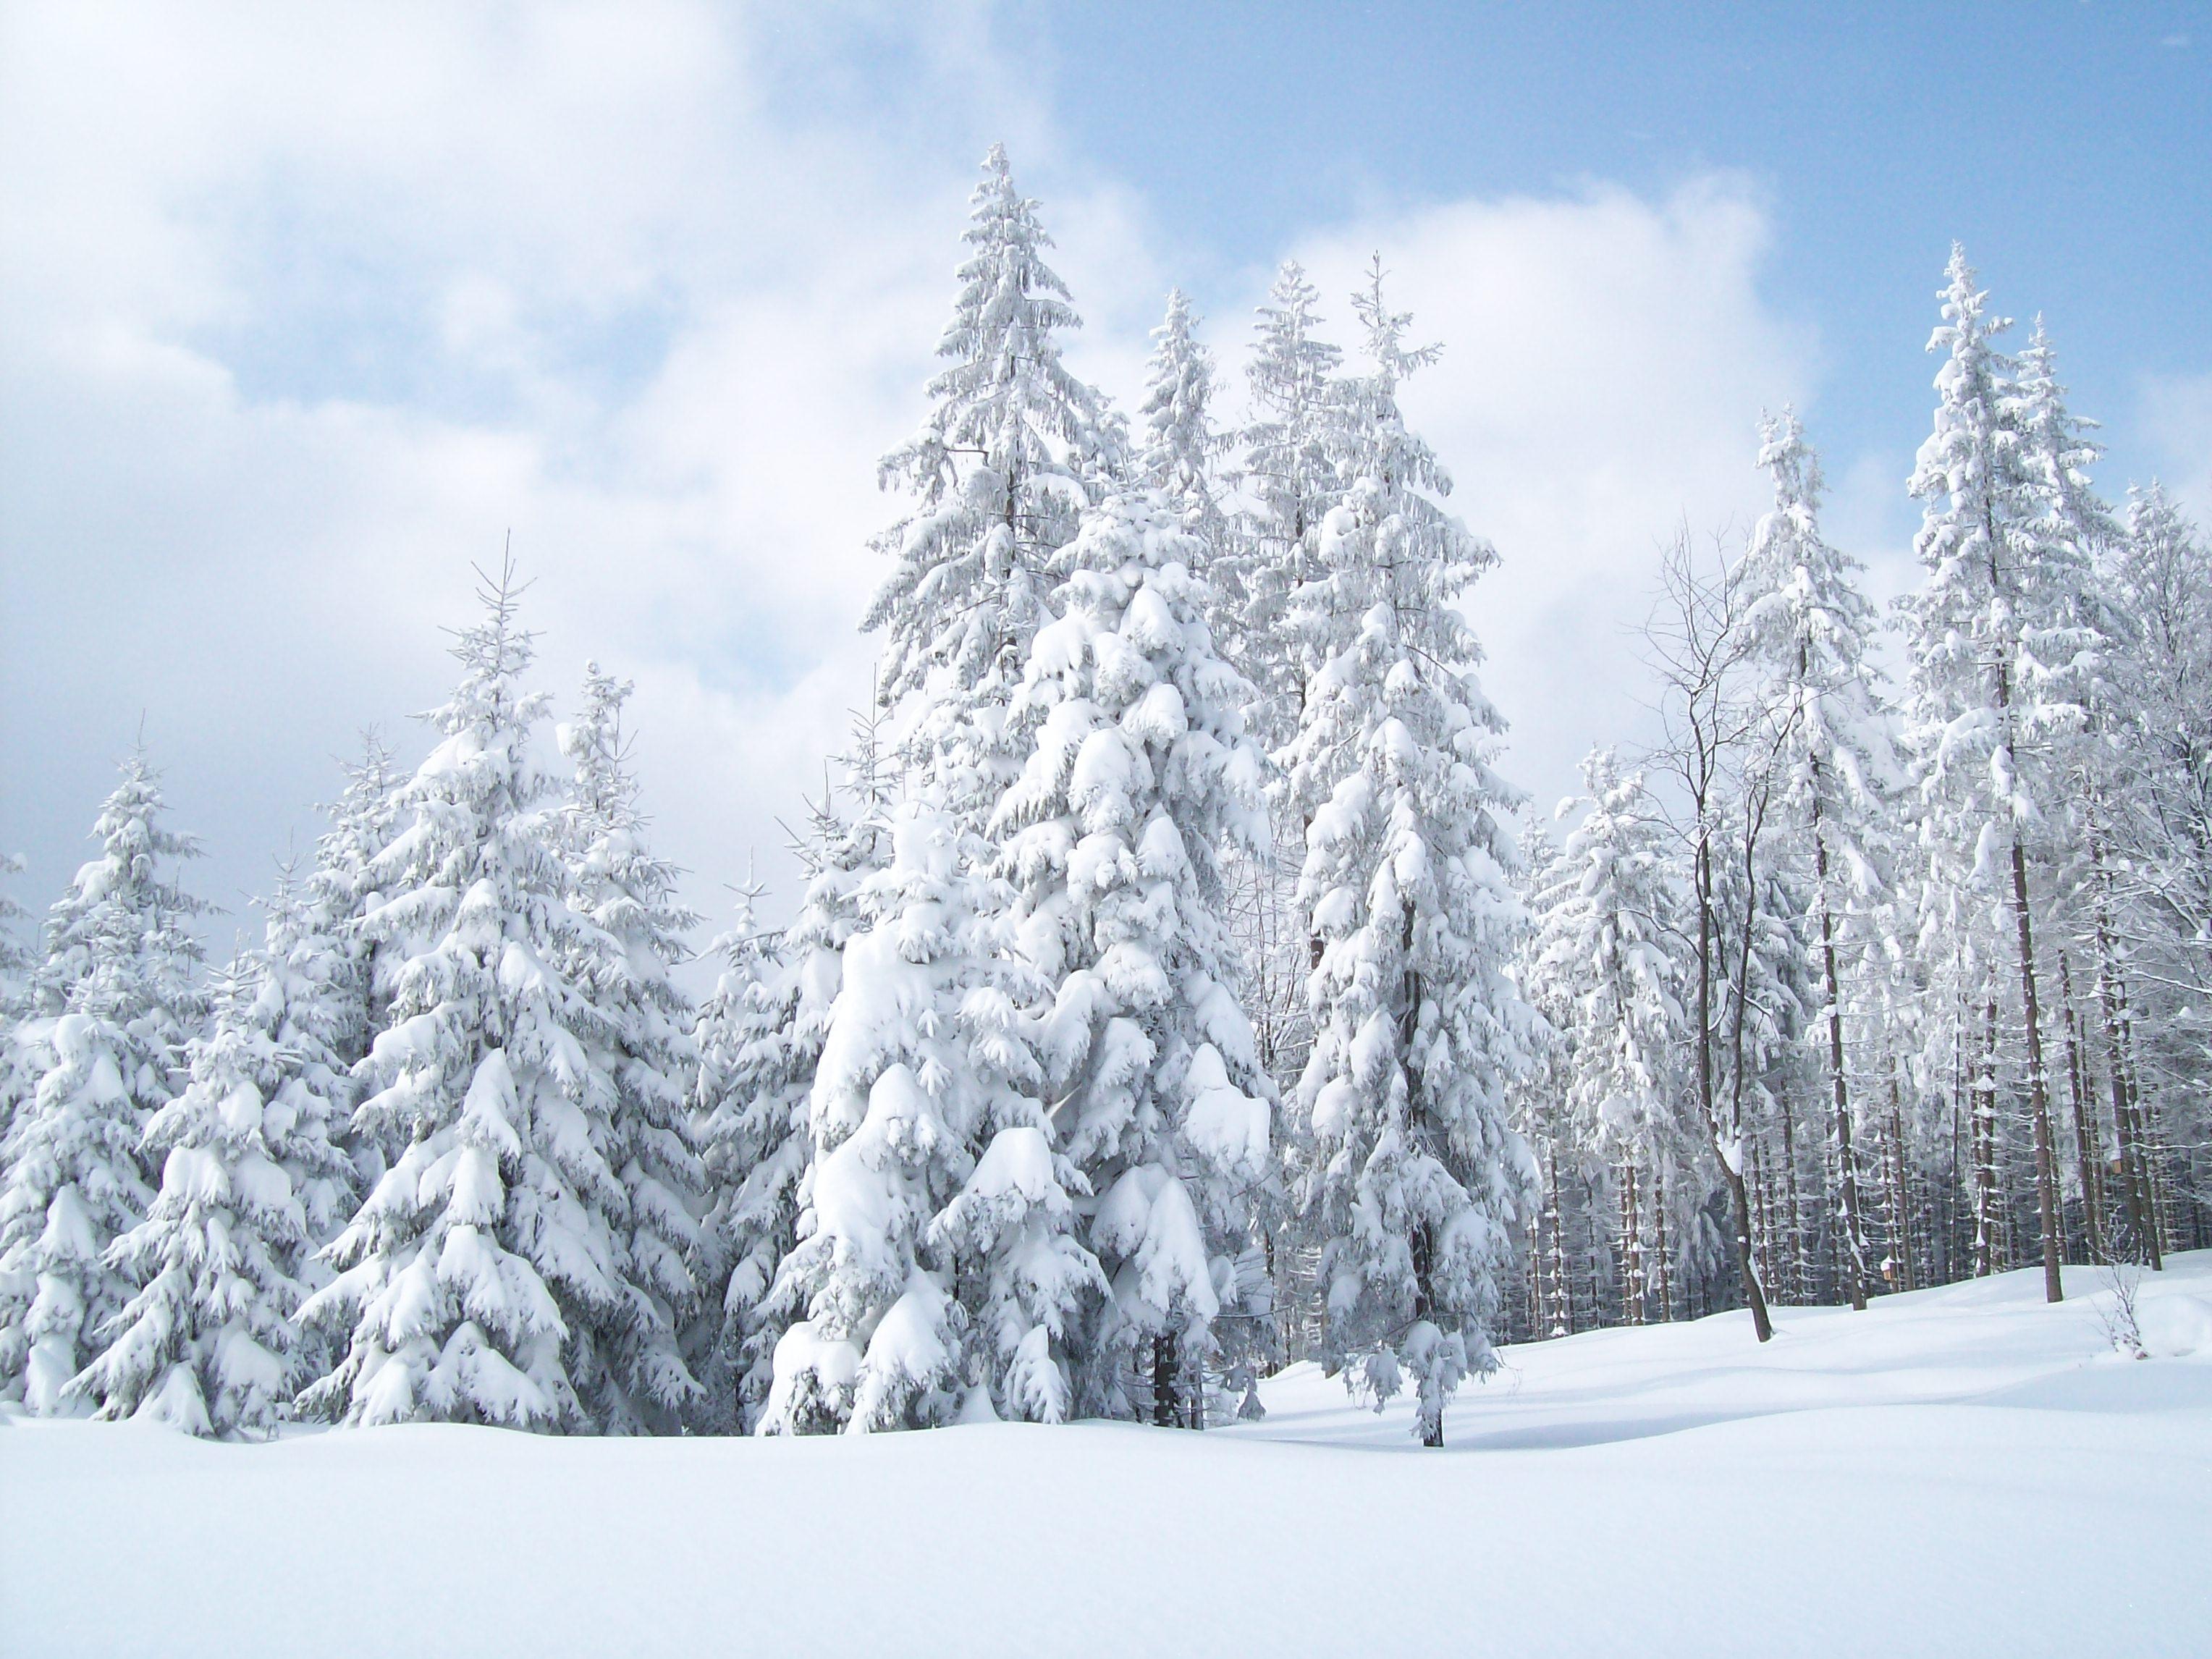 лес, зима, снег, обои для рабочего стола, фото